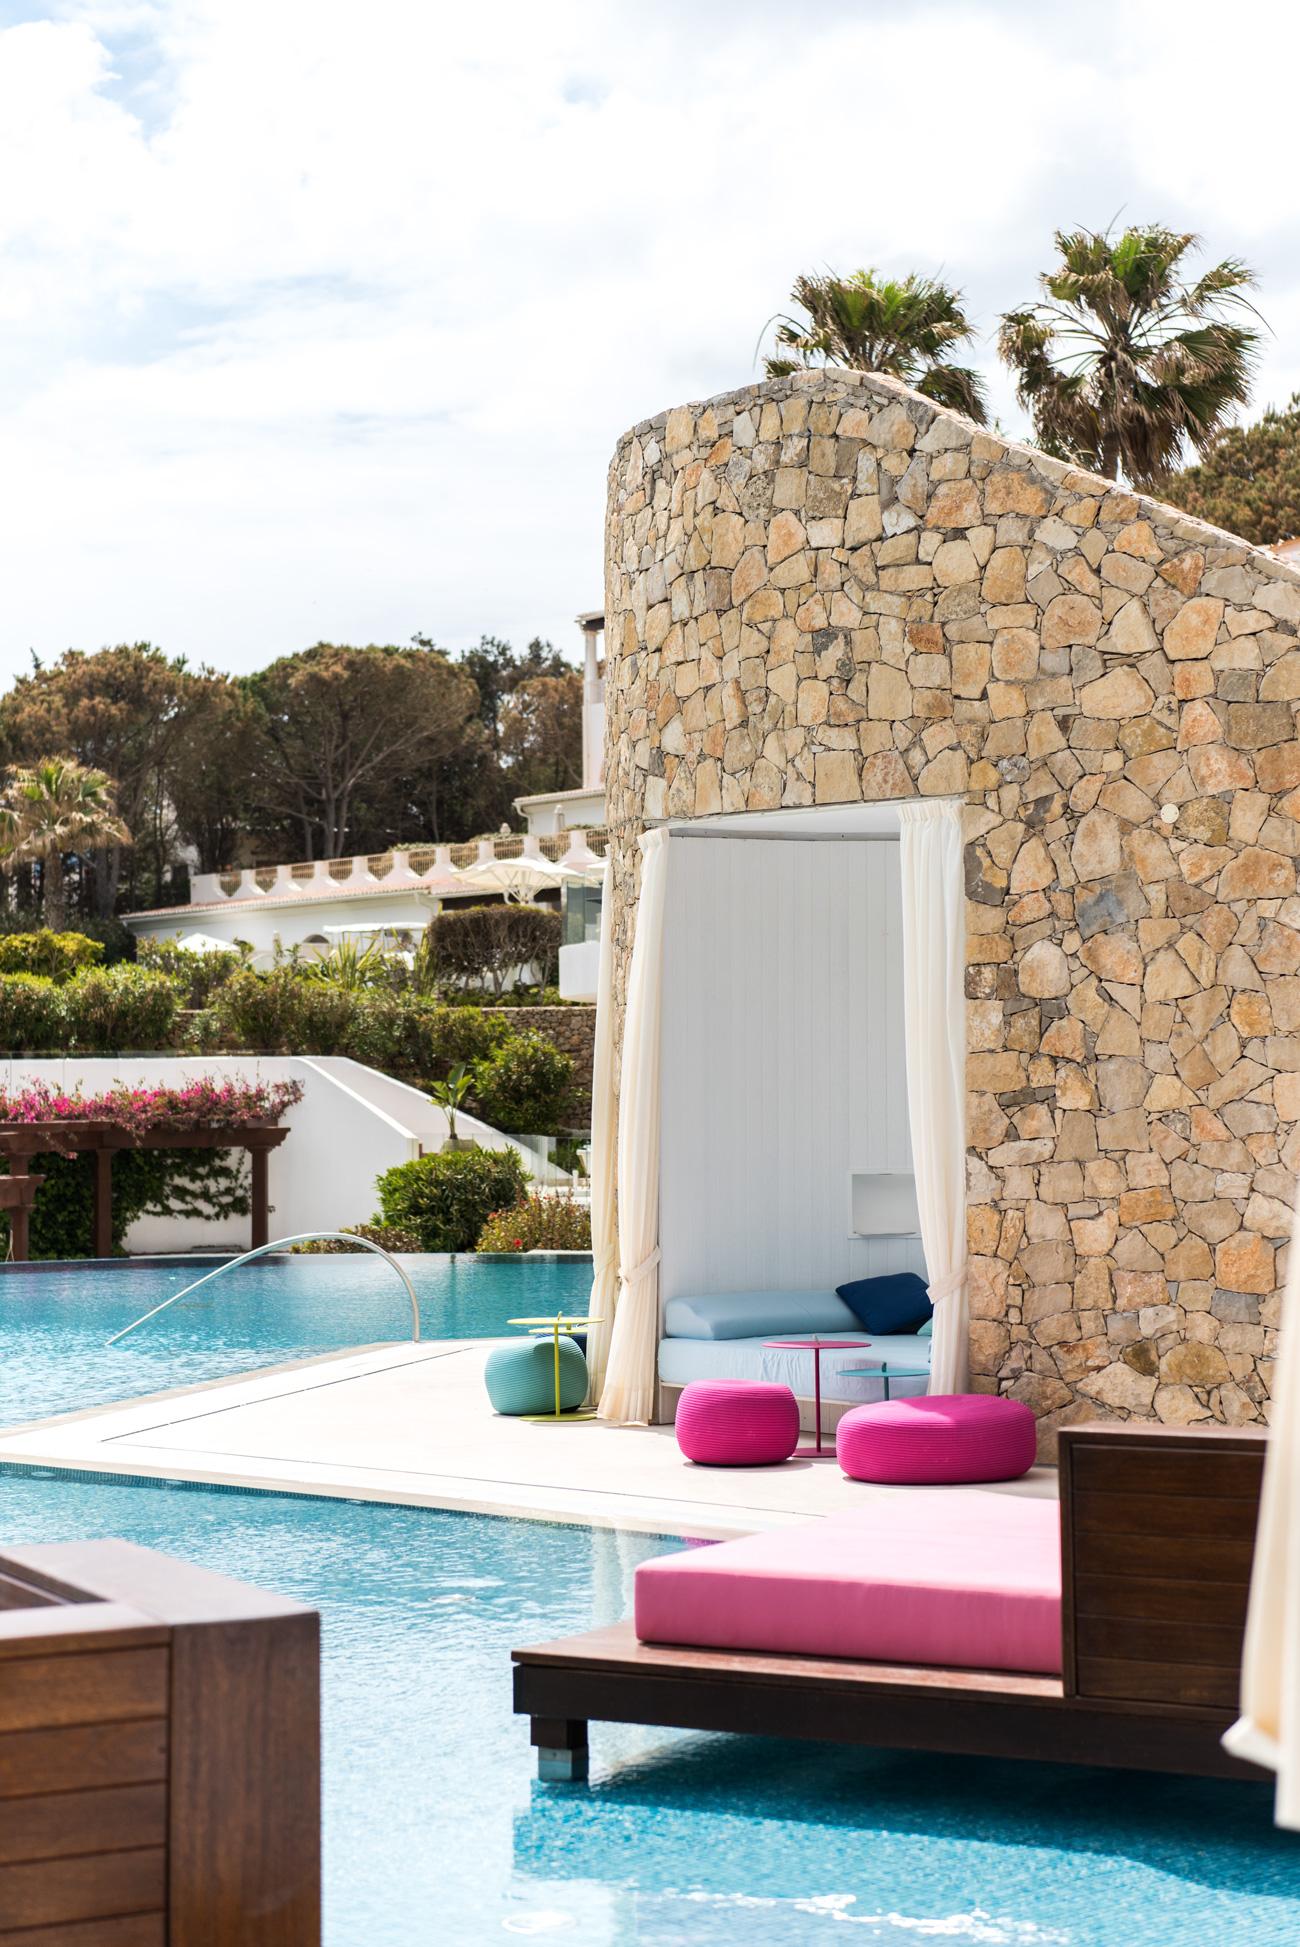 Vila-Vita-Parc-Hotel-Spa-Portugal-Algavre